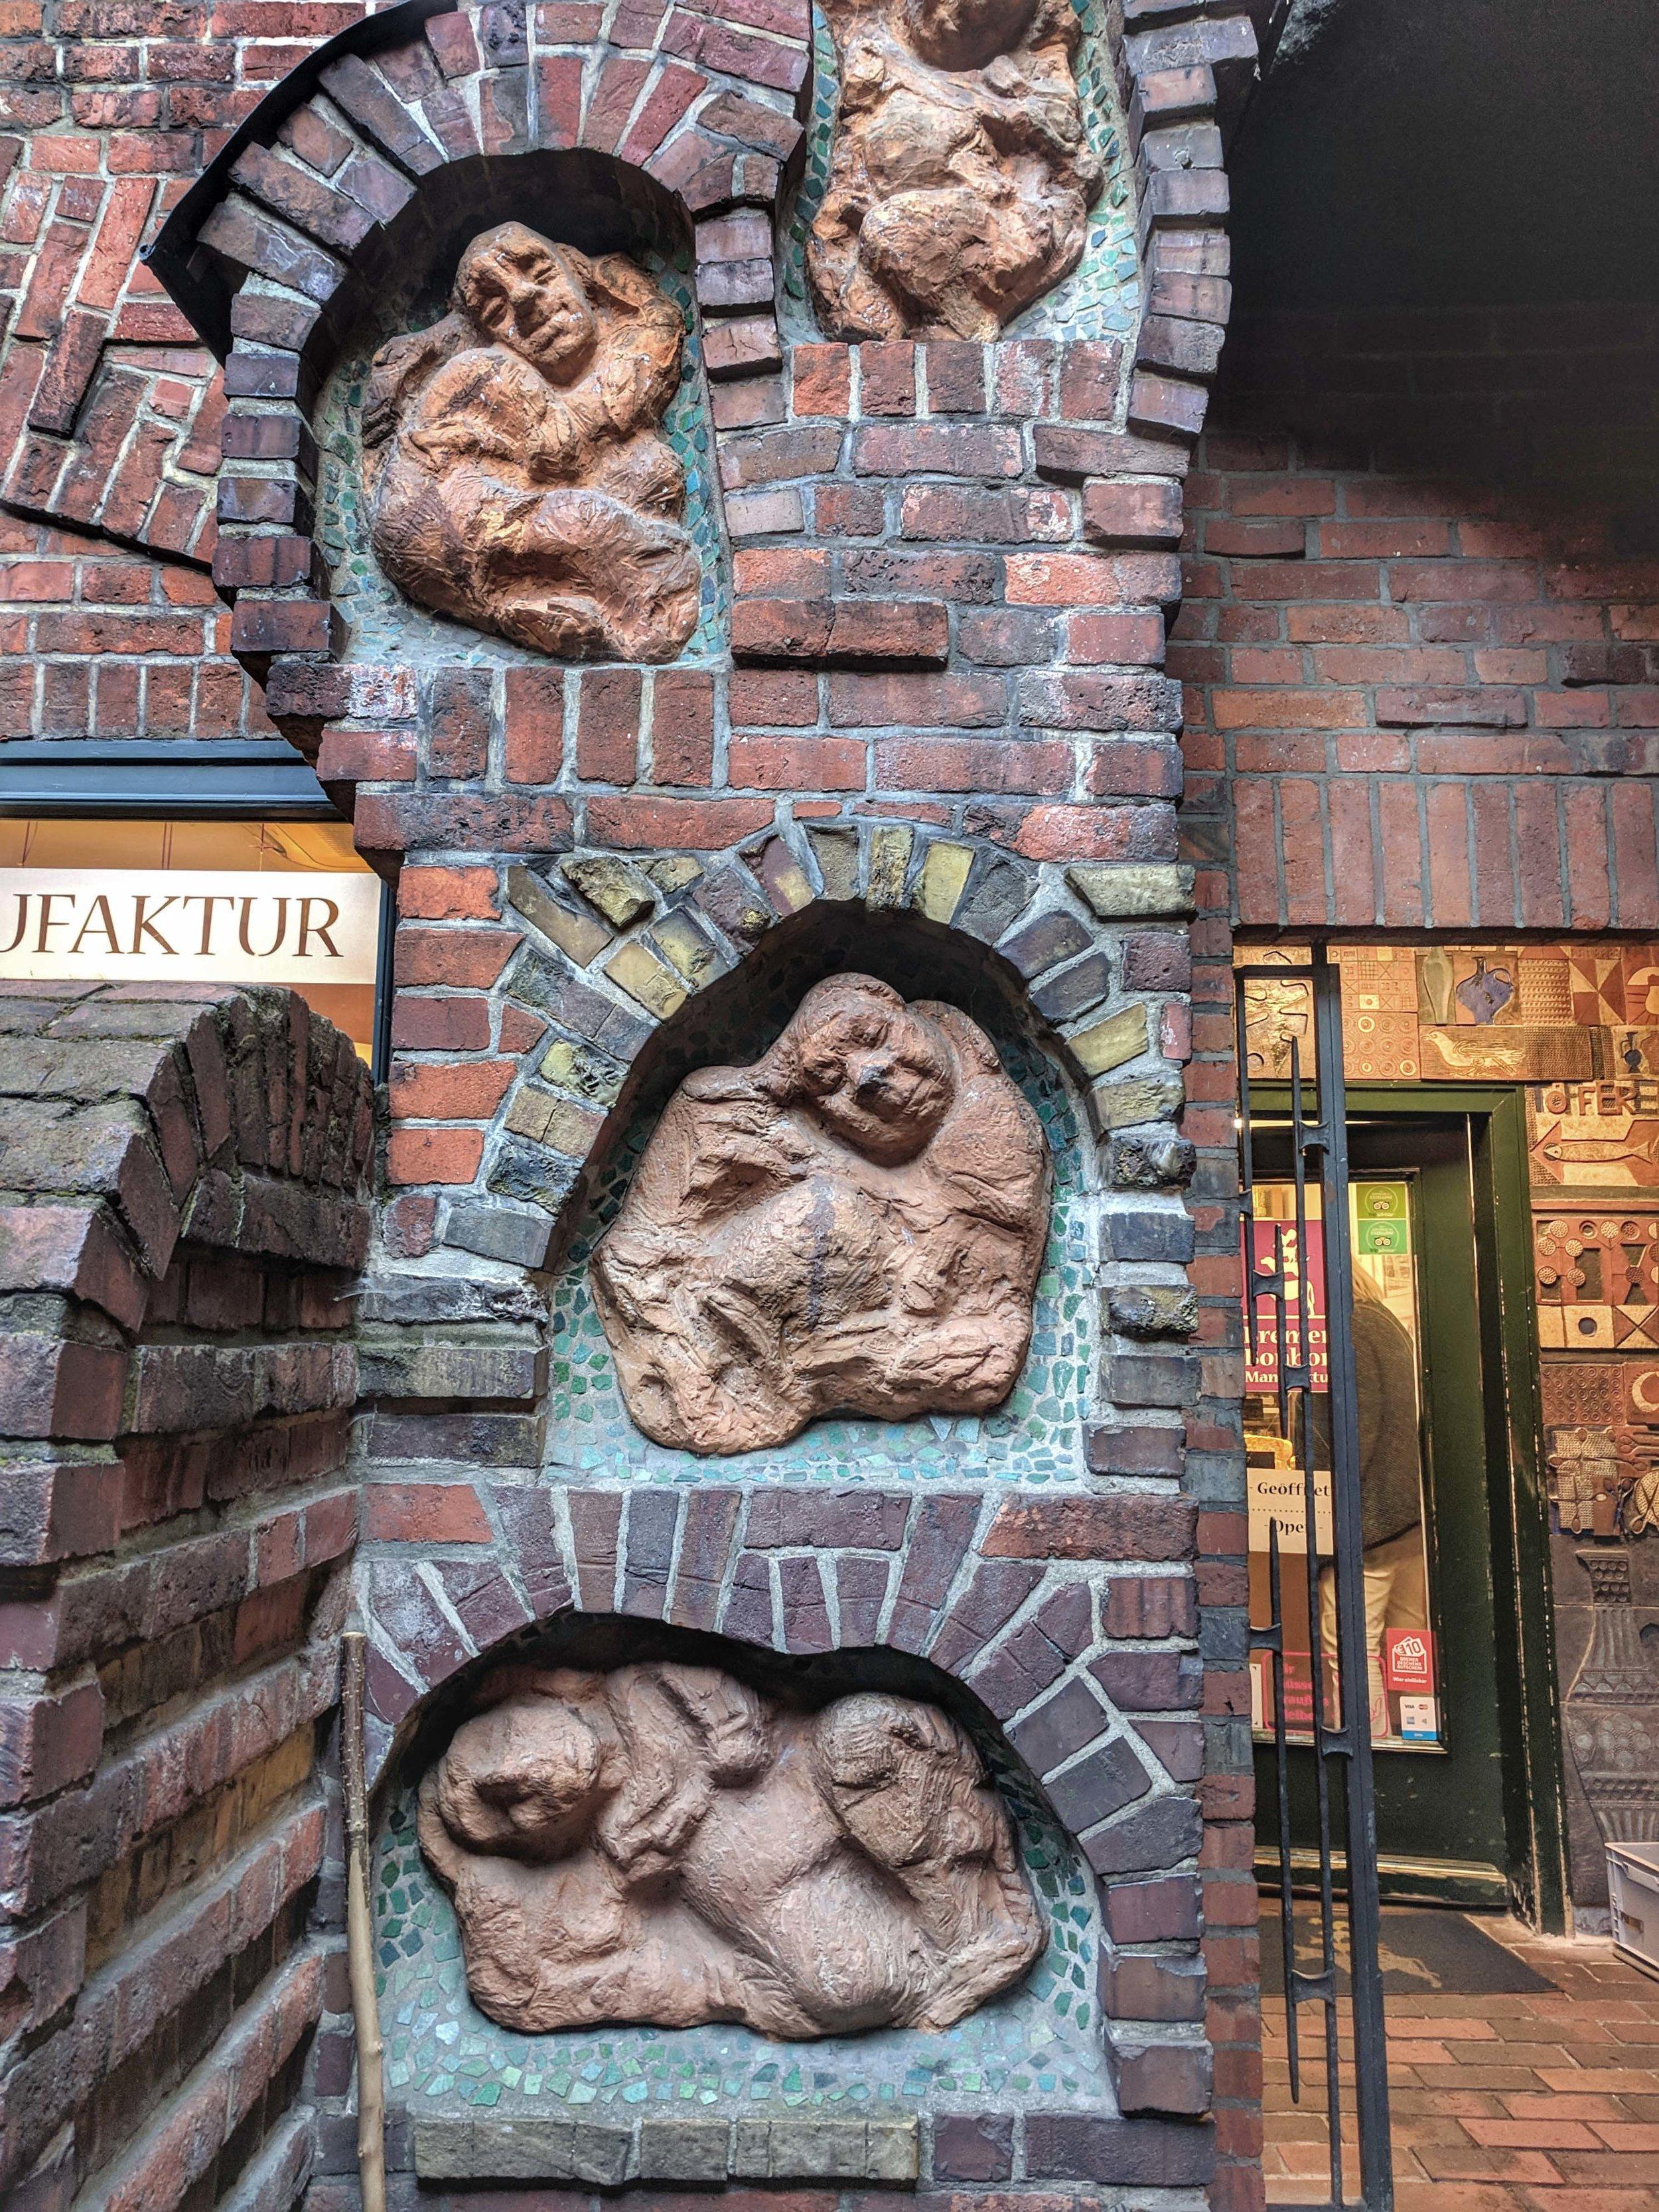 Böttcherstrasse; a very interesting area of the city